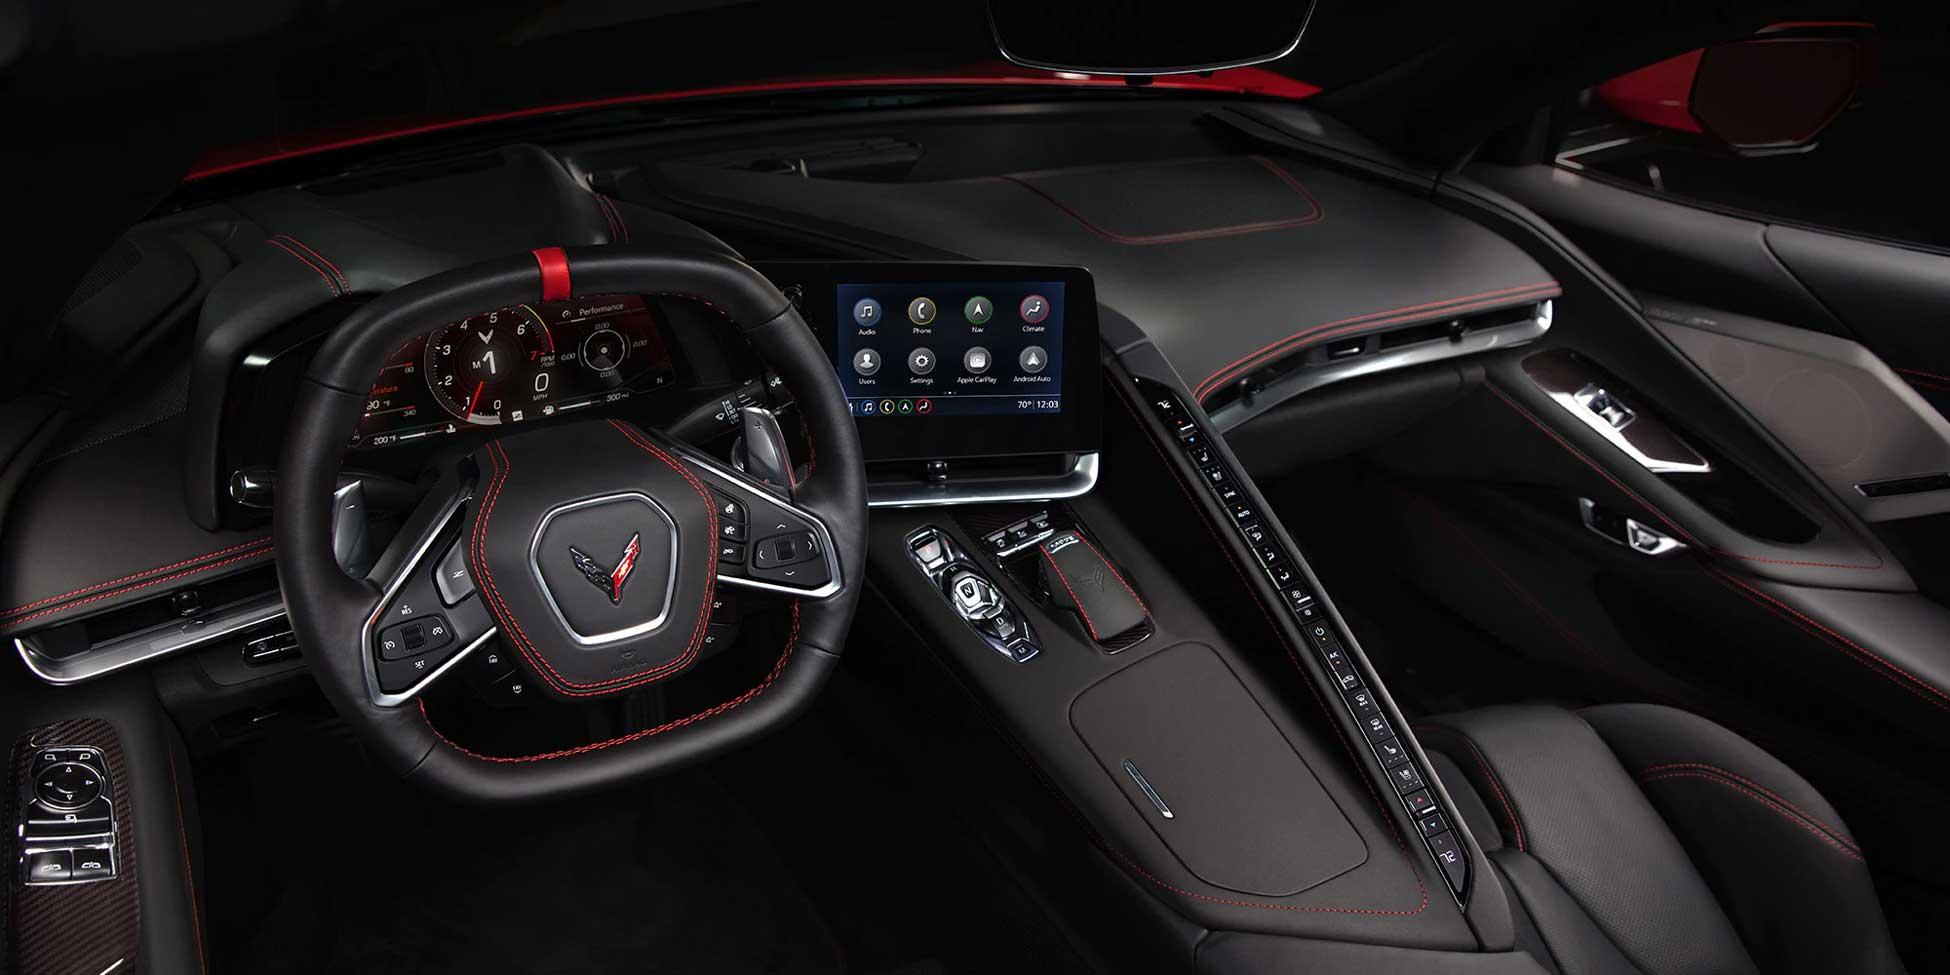 2020-corvette-design-2